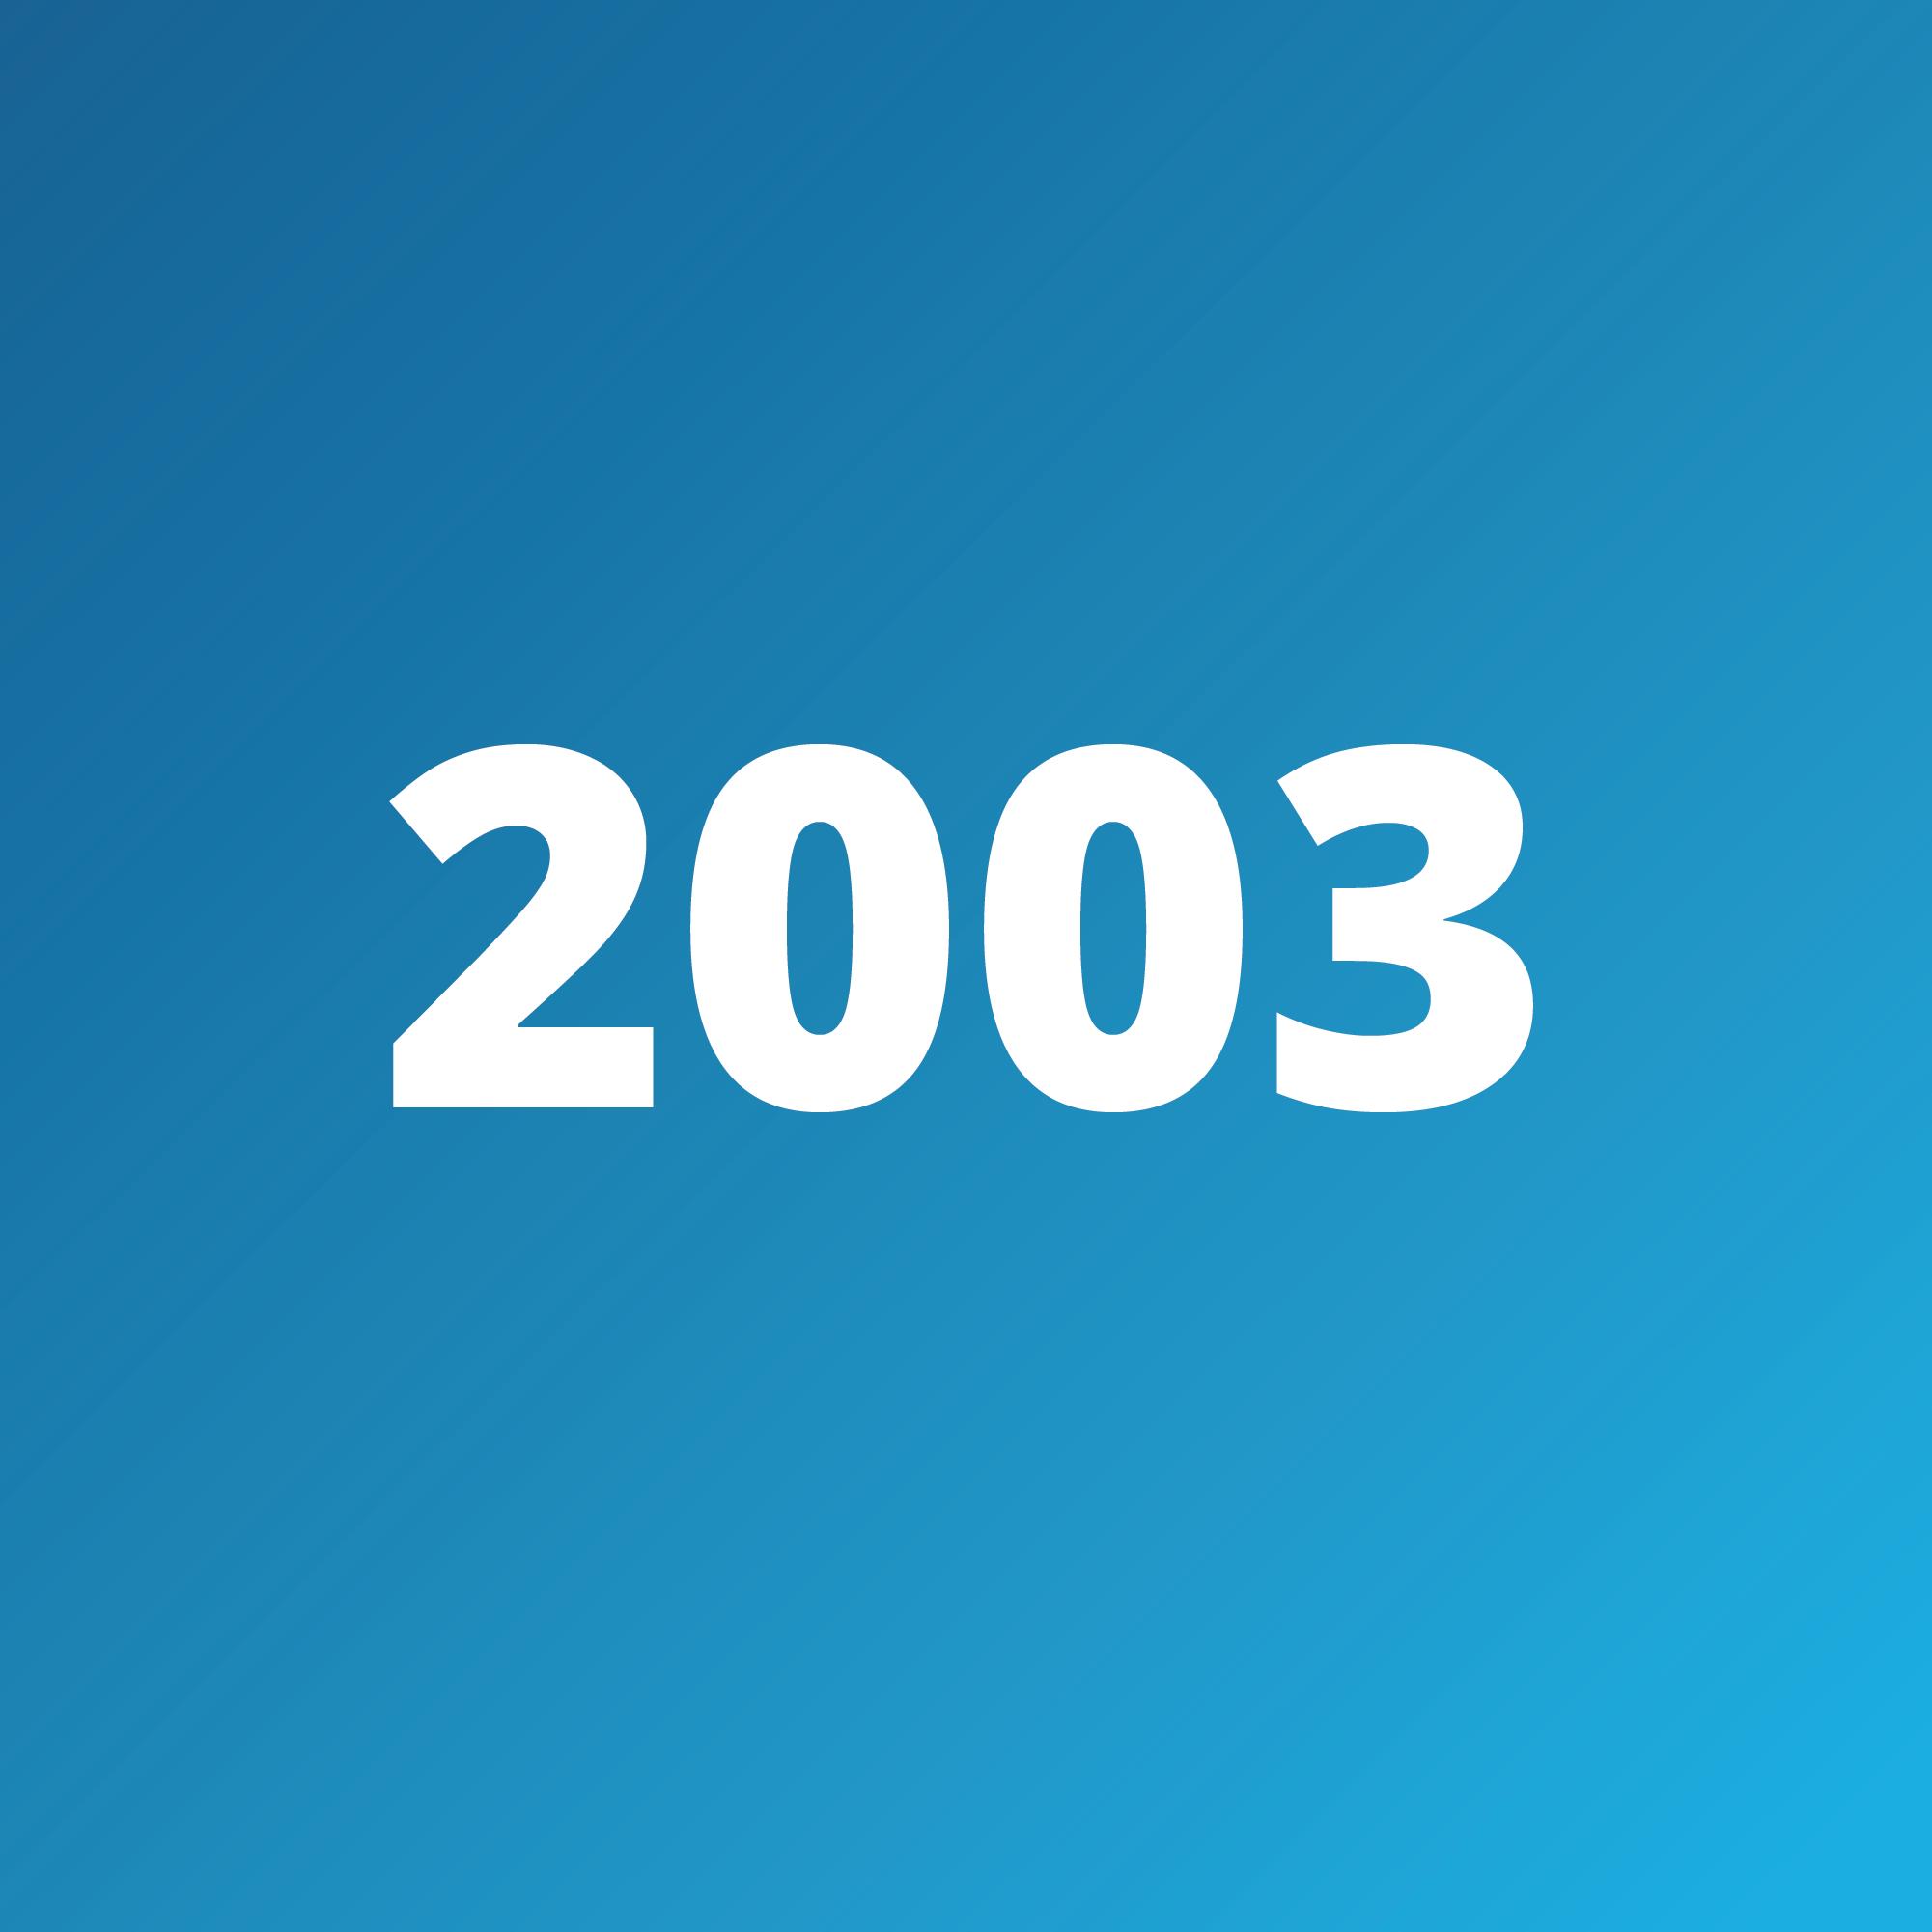 Timeline - 2003